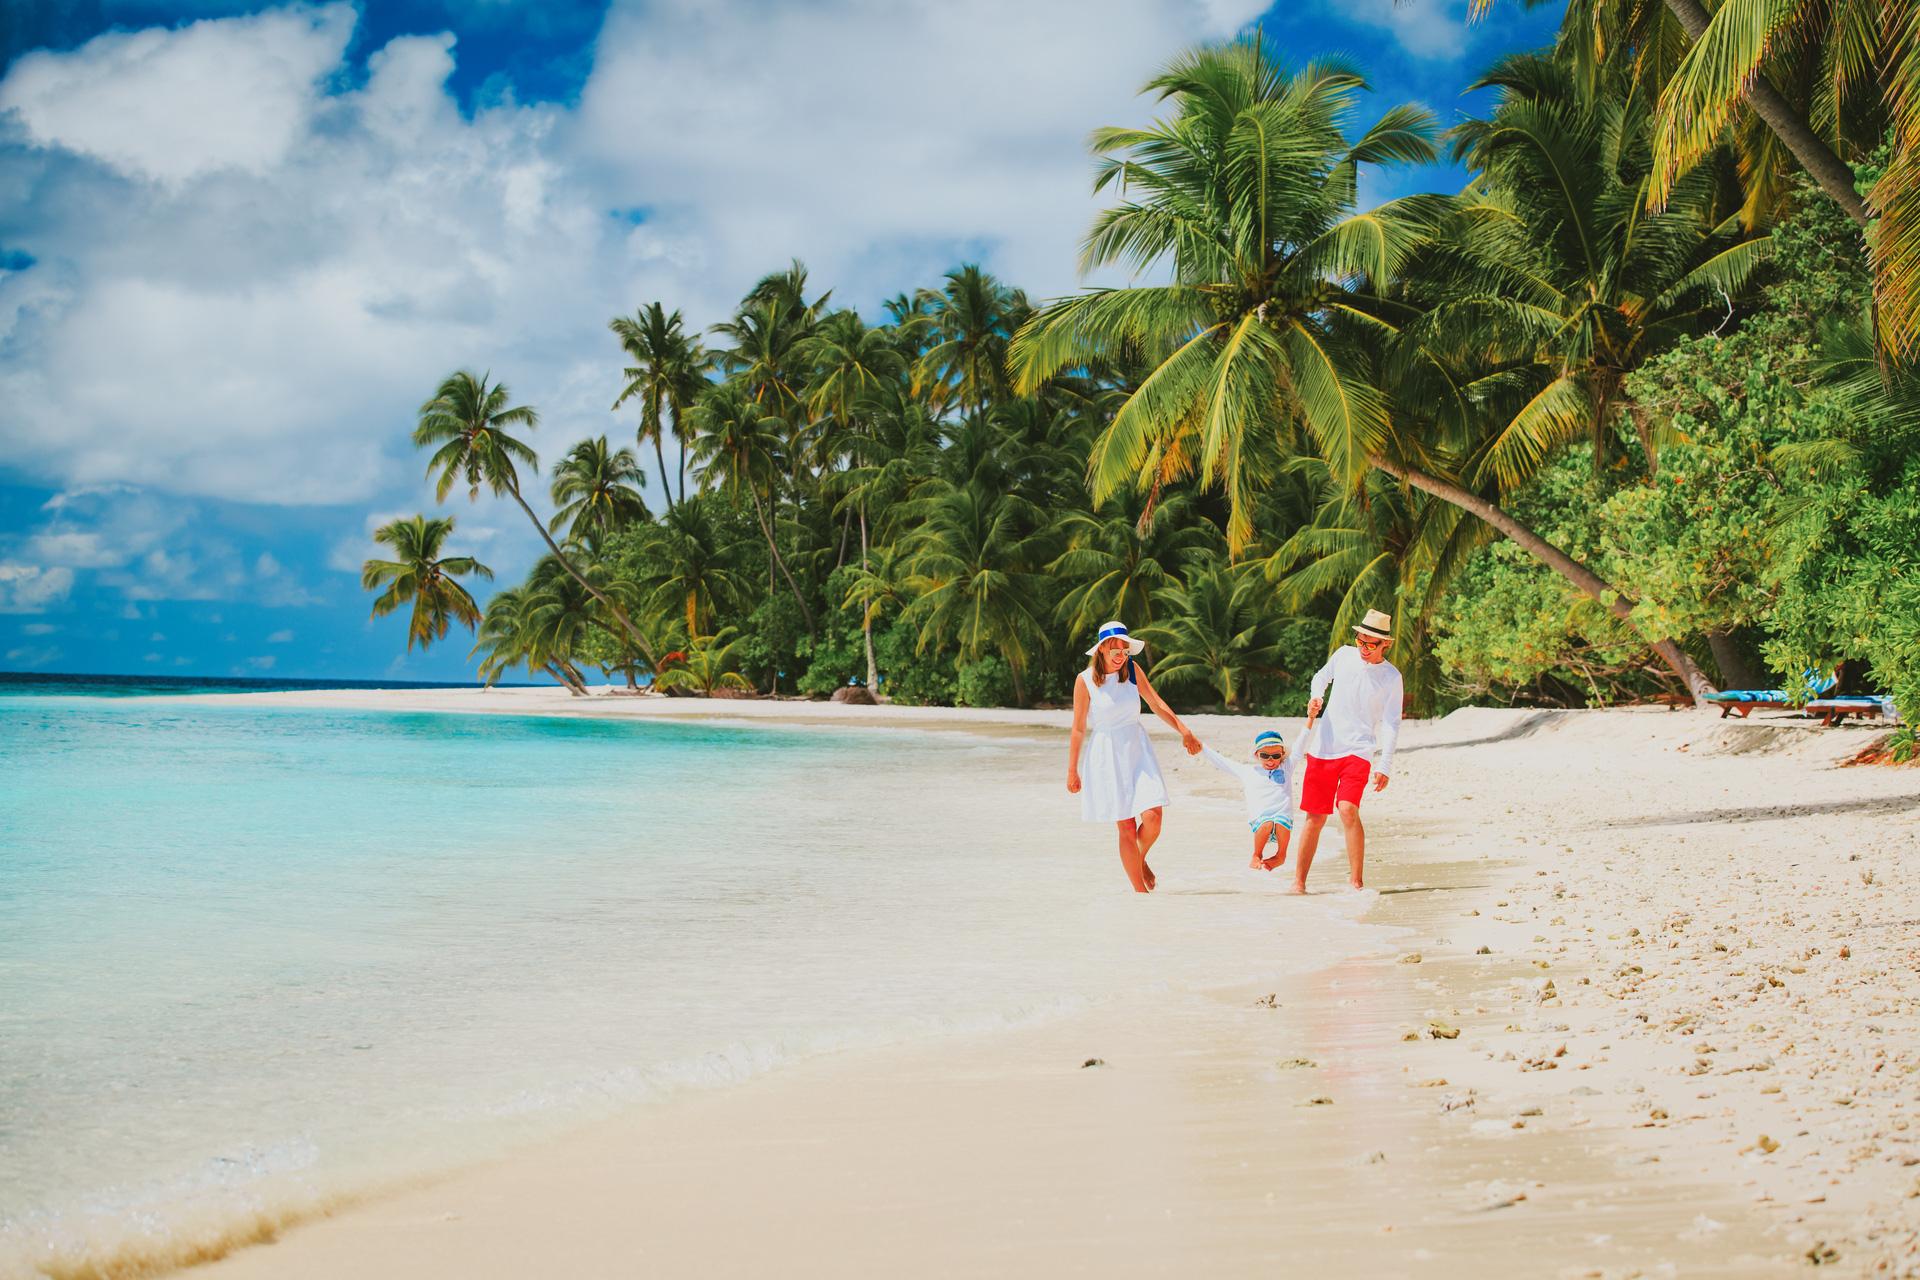 Nhiều khách sạn 3-5 sao tung gói ưu đãi, giảm giá lên đến 60% để thu hút khách du lịch - Ảnh 3.